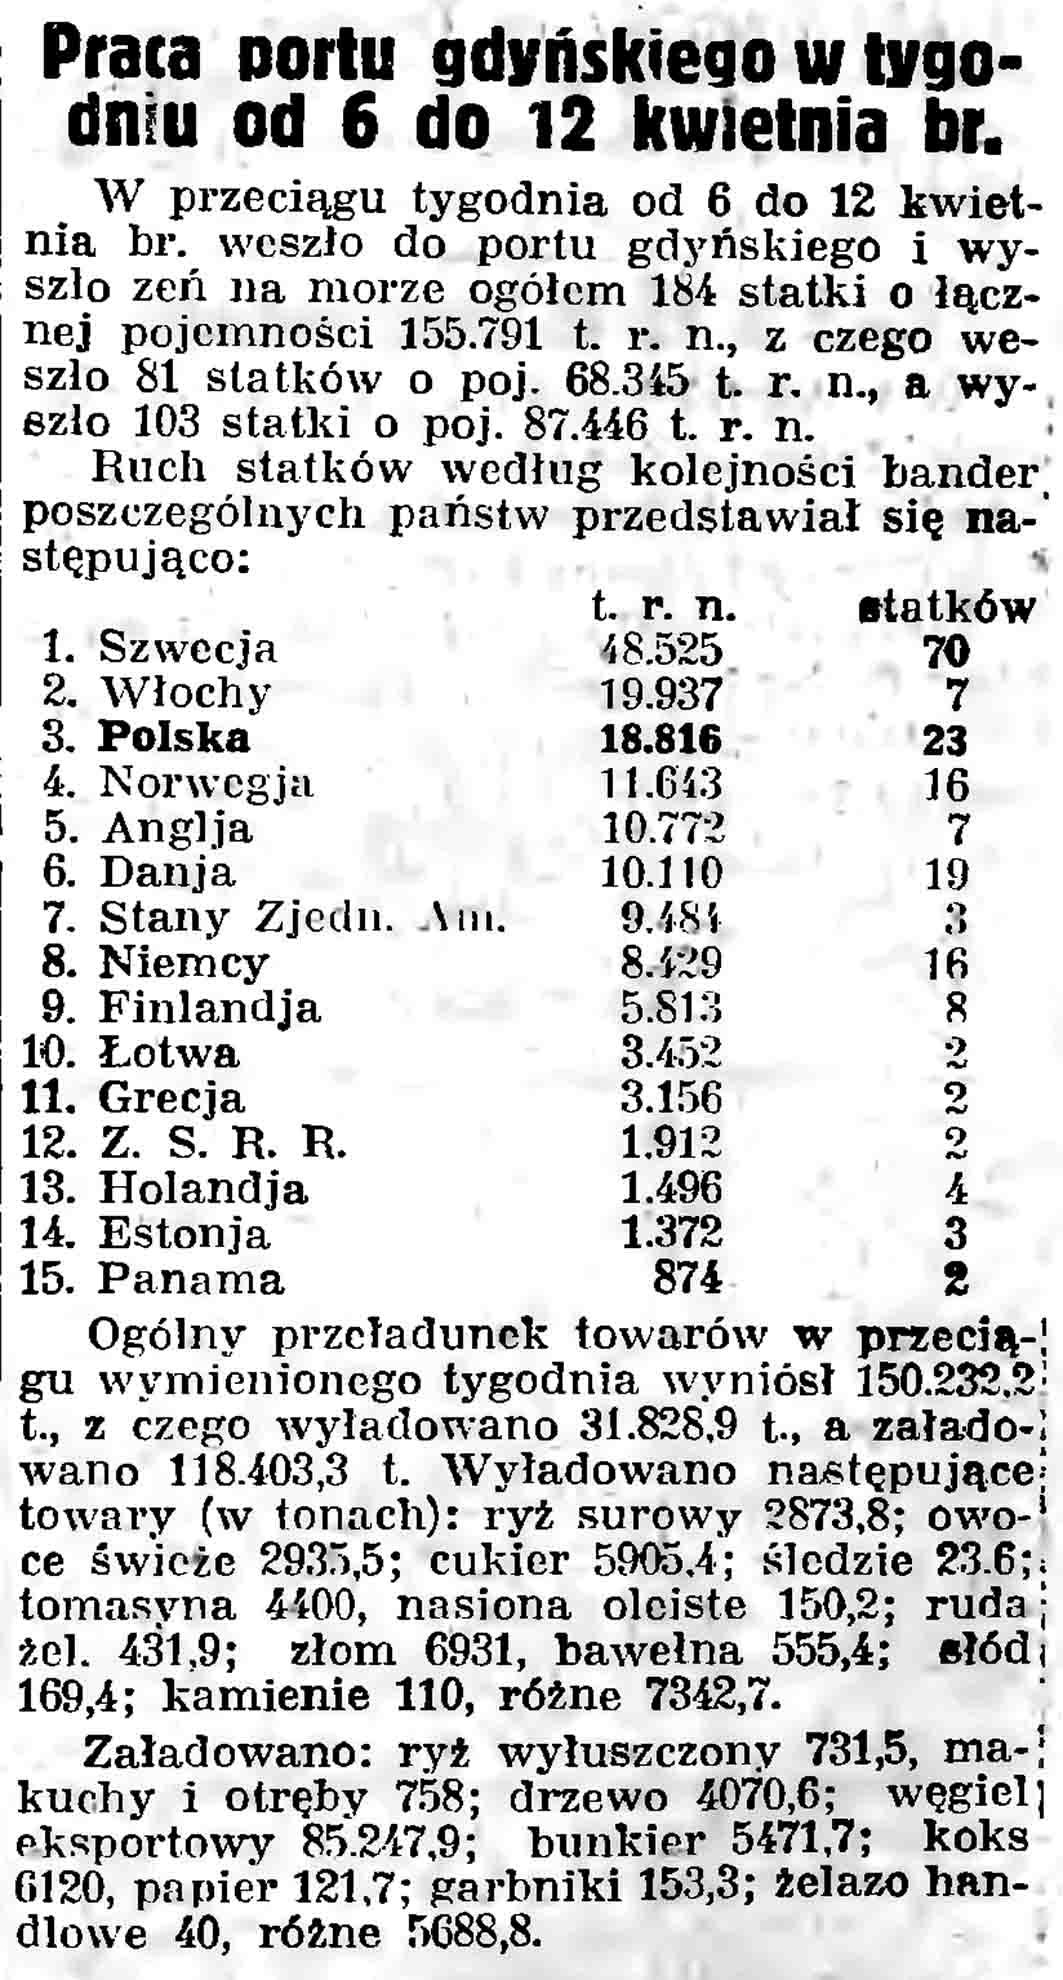 Praca portu gdyńskiego w tygodniu od 6 do 12 kwietnia br // Gazeta Gdańska. - 1937, nr 101, s. 13